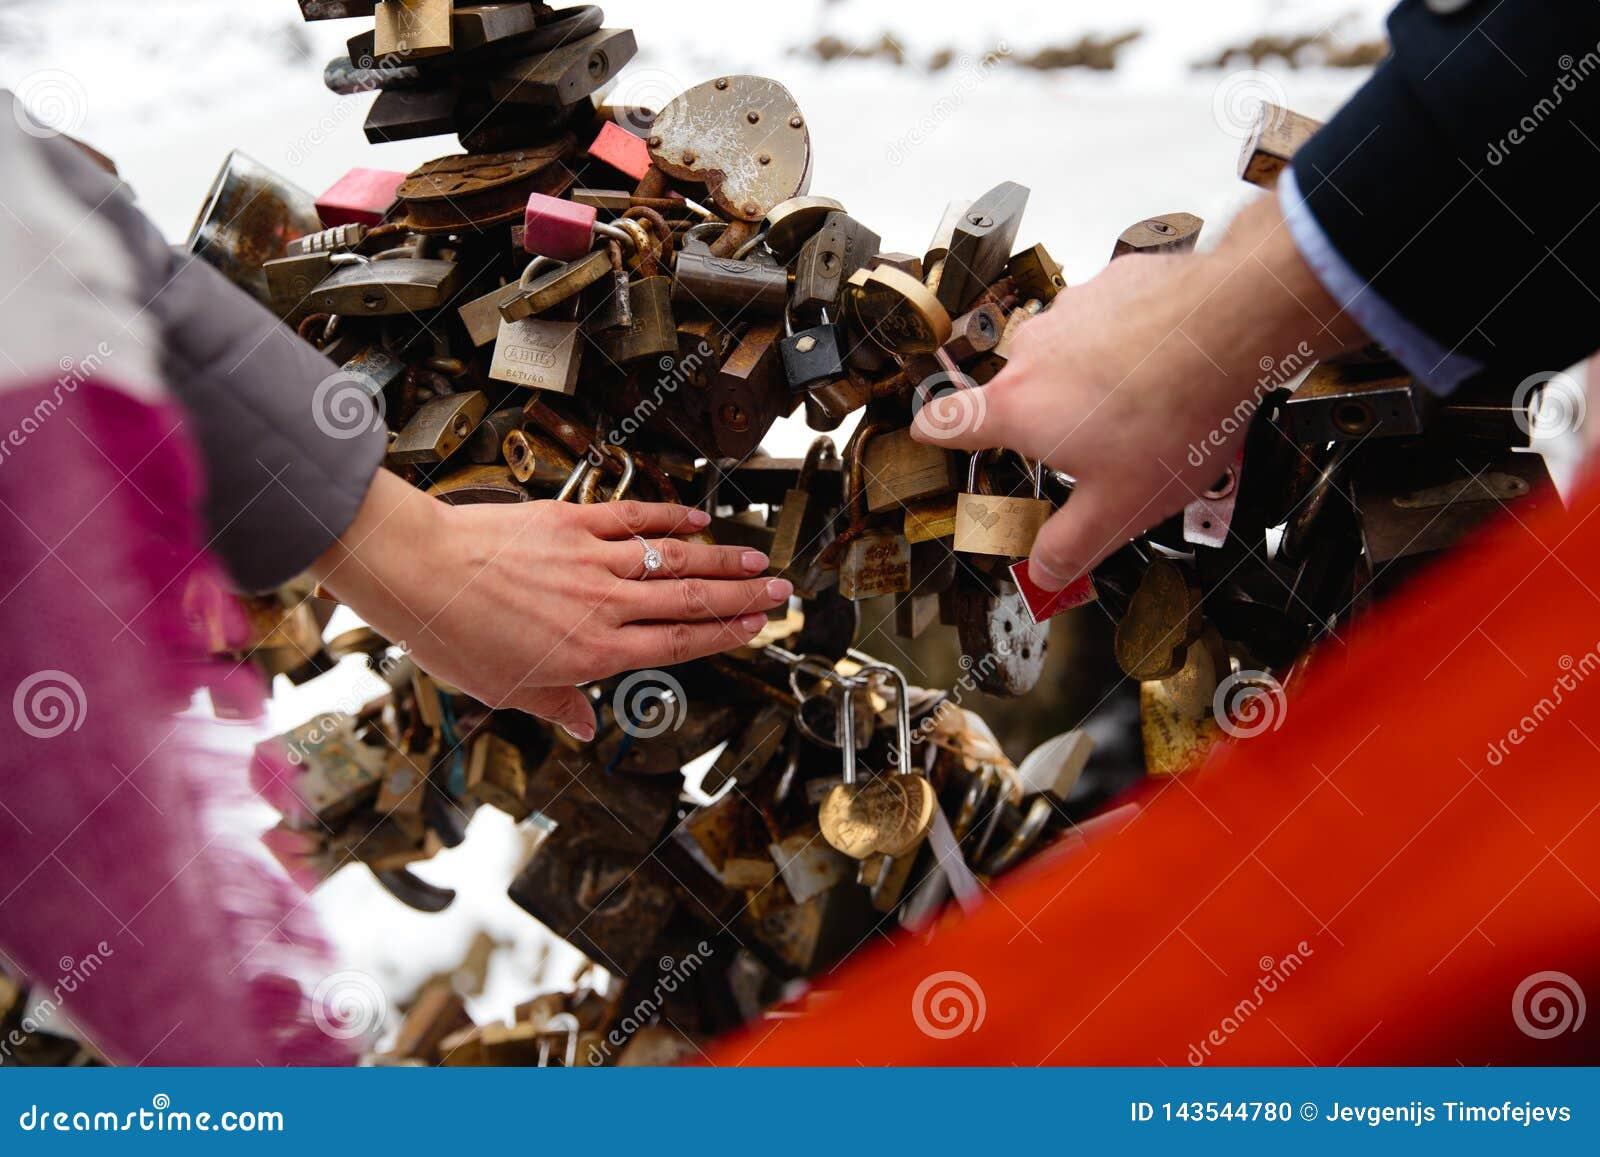 Romantisches Foto von netten Paaren draußen im Winter Junger Mann, der vorschlägt, ihn mit Ring zu heiraten - sie halten Hände